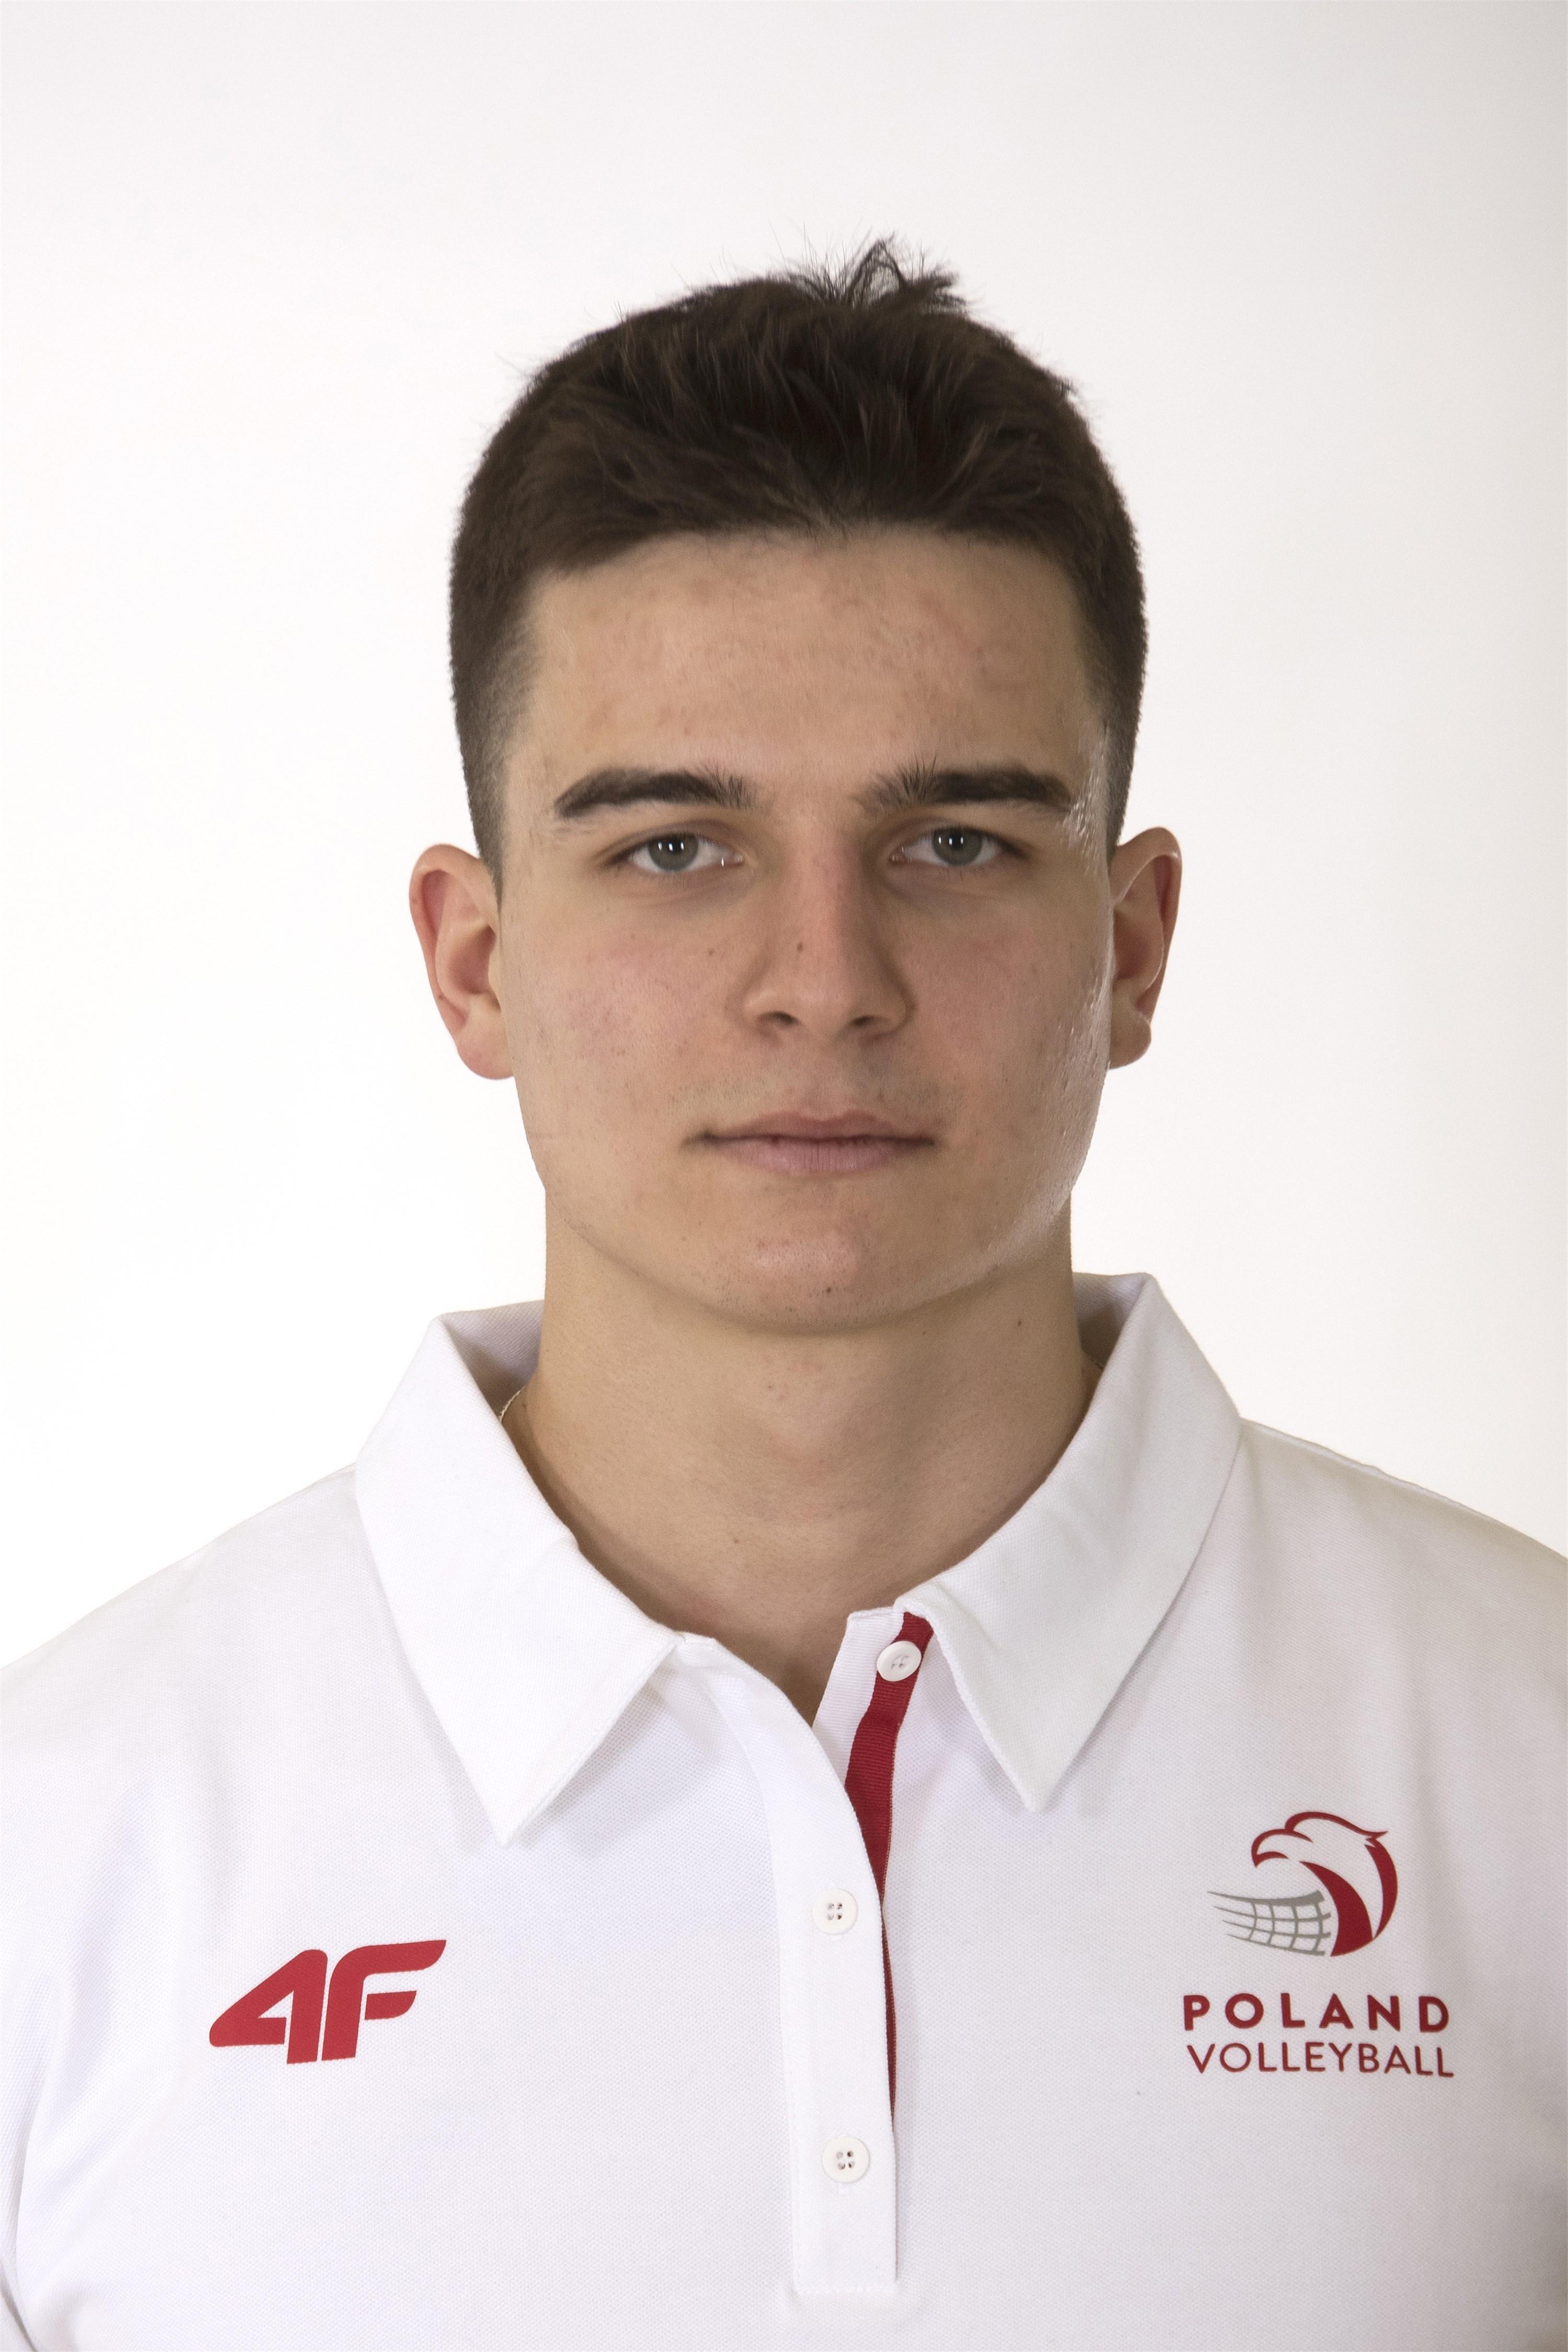 Photo of Mikolaj MISZCZUK